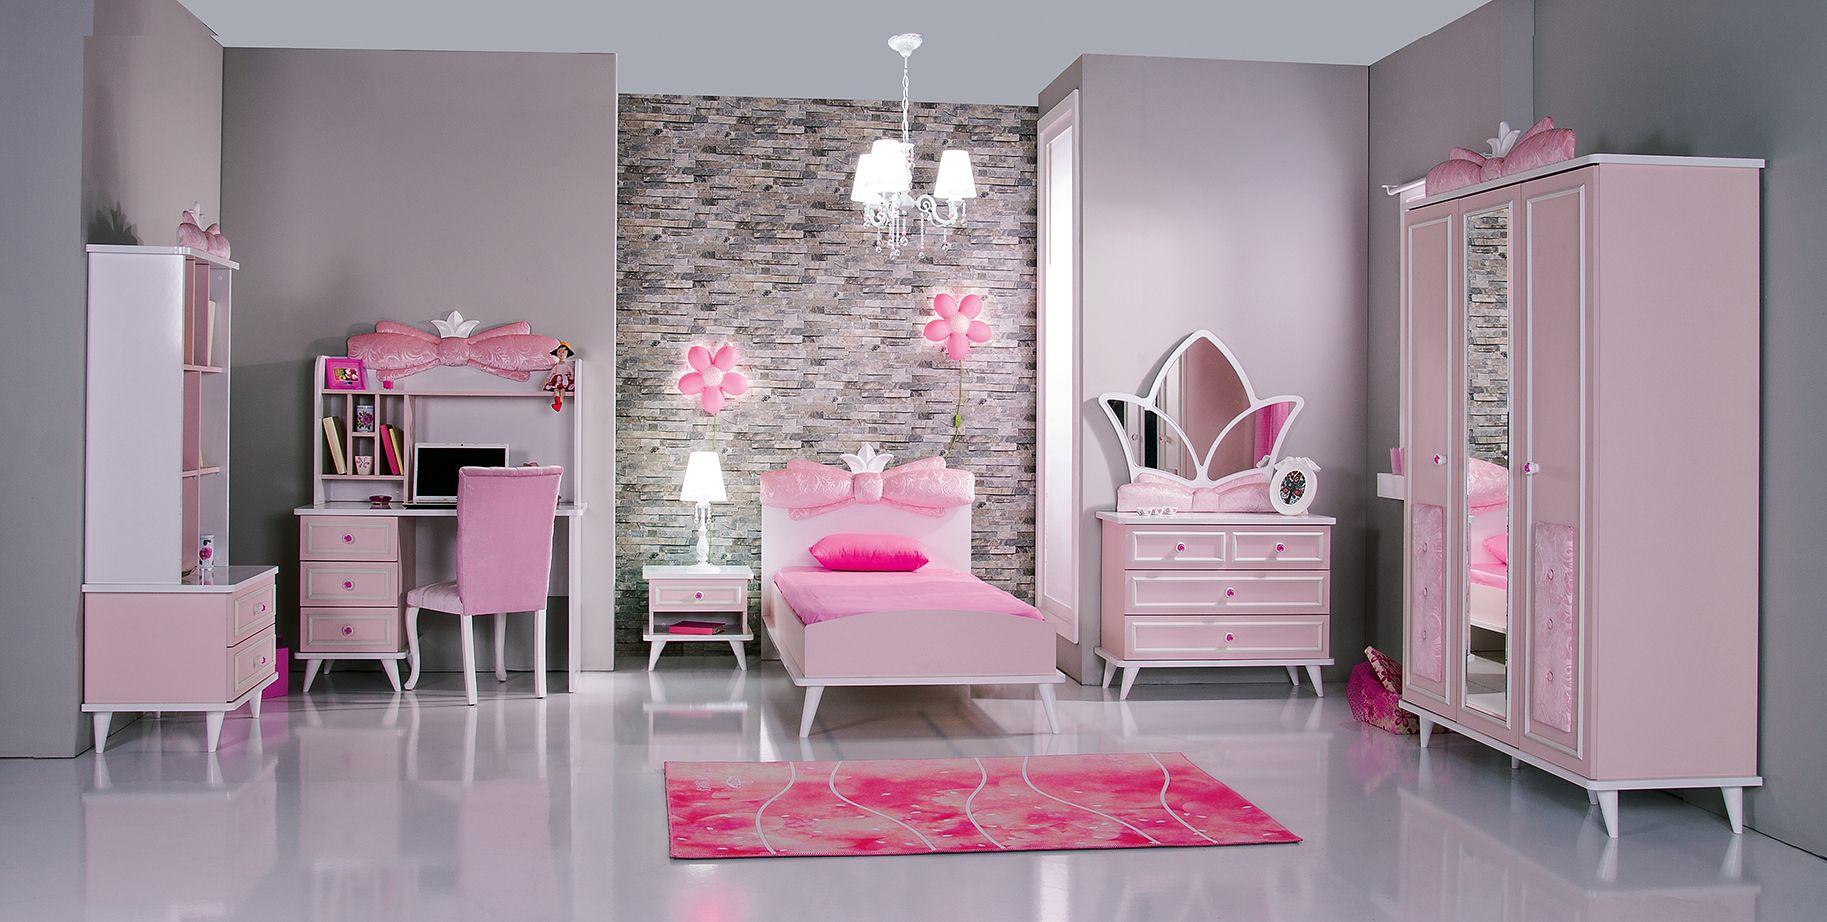 luxe meiden slaapkamer - Google zoeken | dining room | Pinterest ...